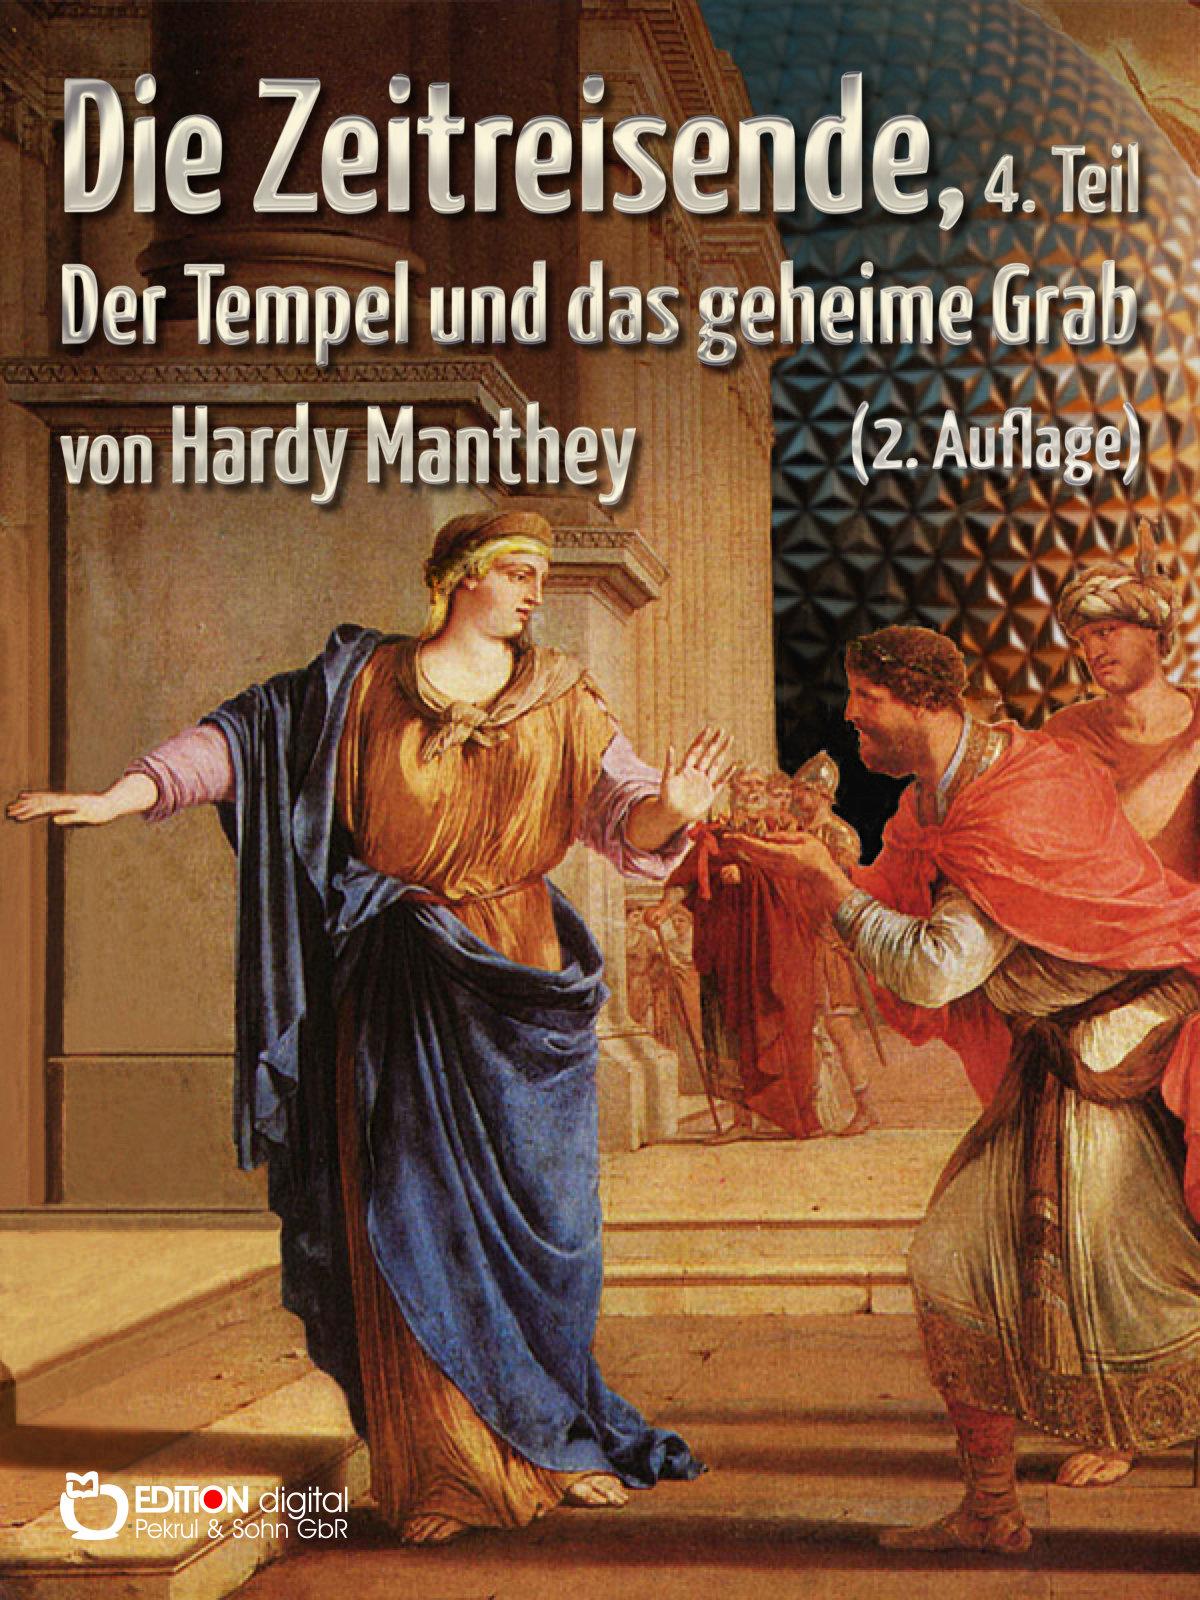 Die Zeitreisende, 4. Teil. Der Tempel und das geheime Grab von Hardy Manthey